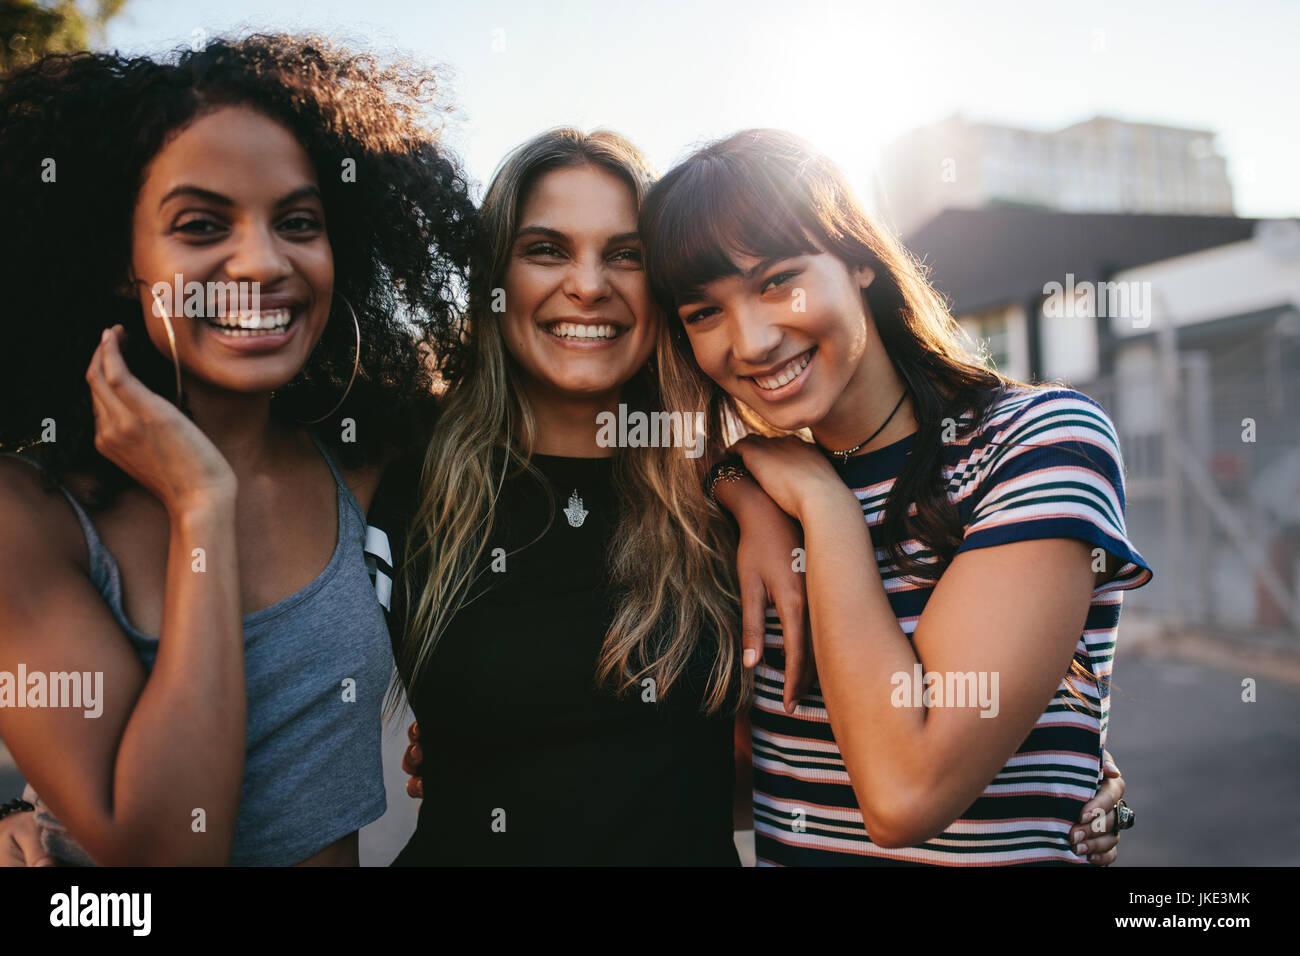 Colpo all'aperto di tre giovani donne divertimento sulla strada della citta'. Multirazziale amiche godendo Immagini Stock